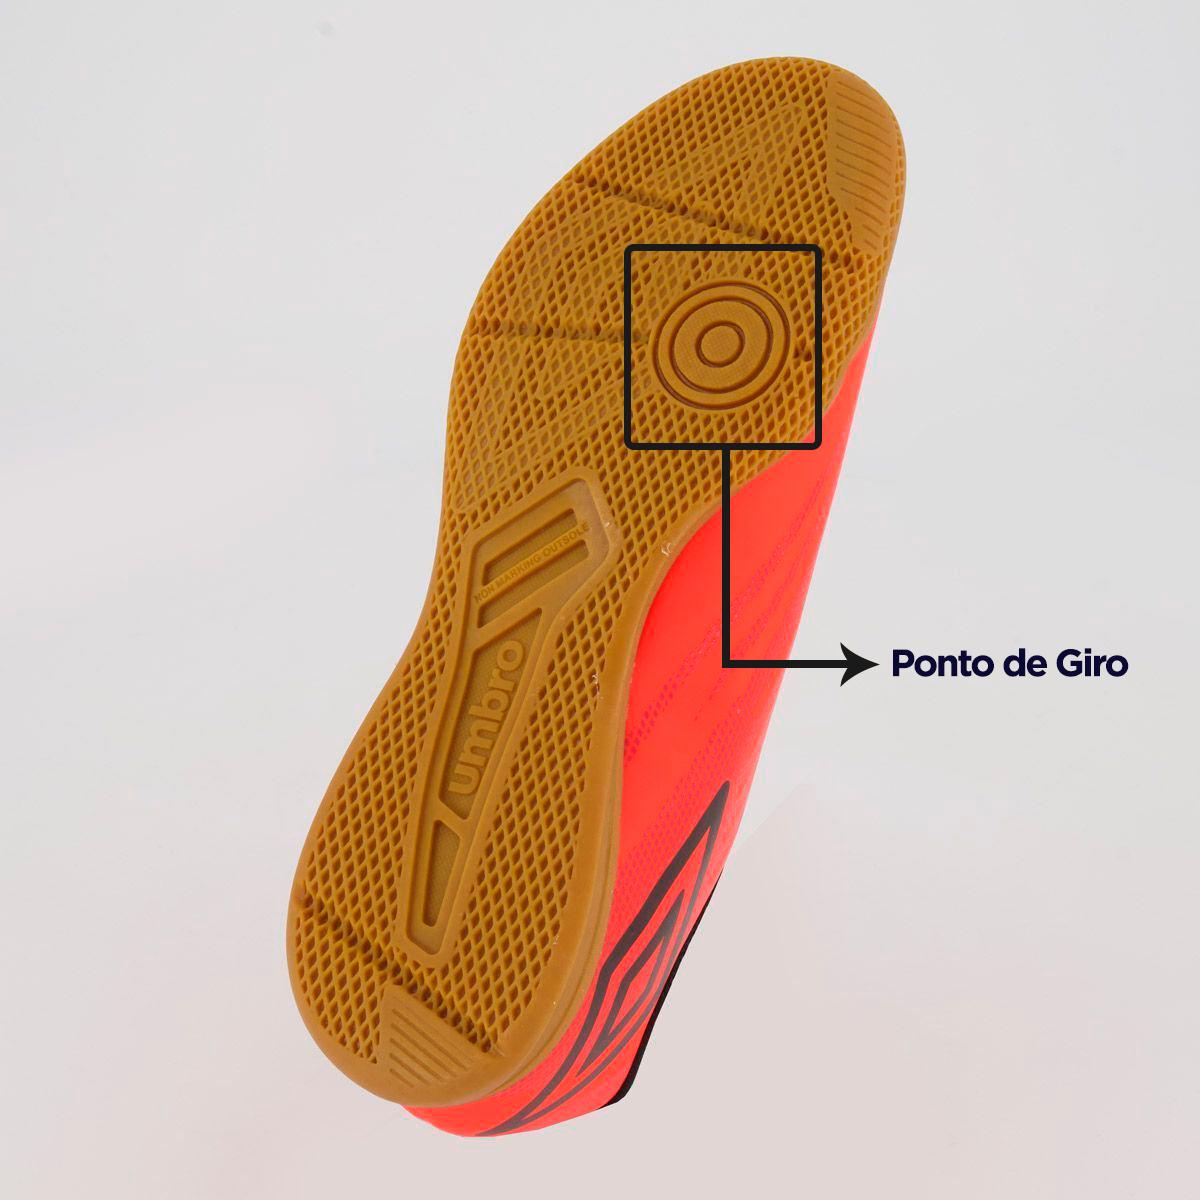 Como escolher uma chuteira de futsal com ponto de giro